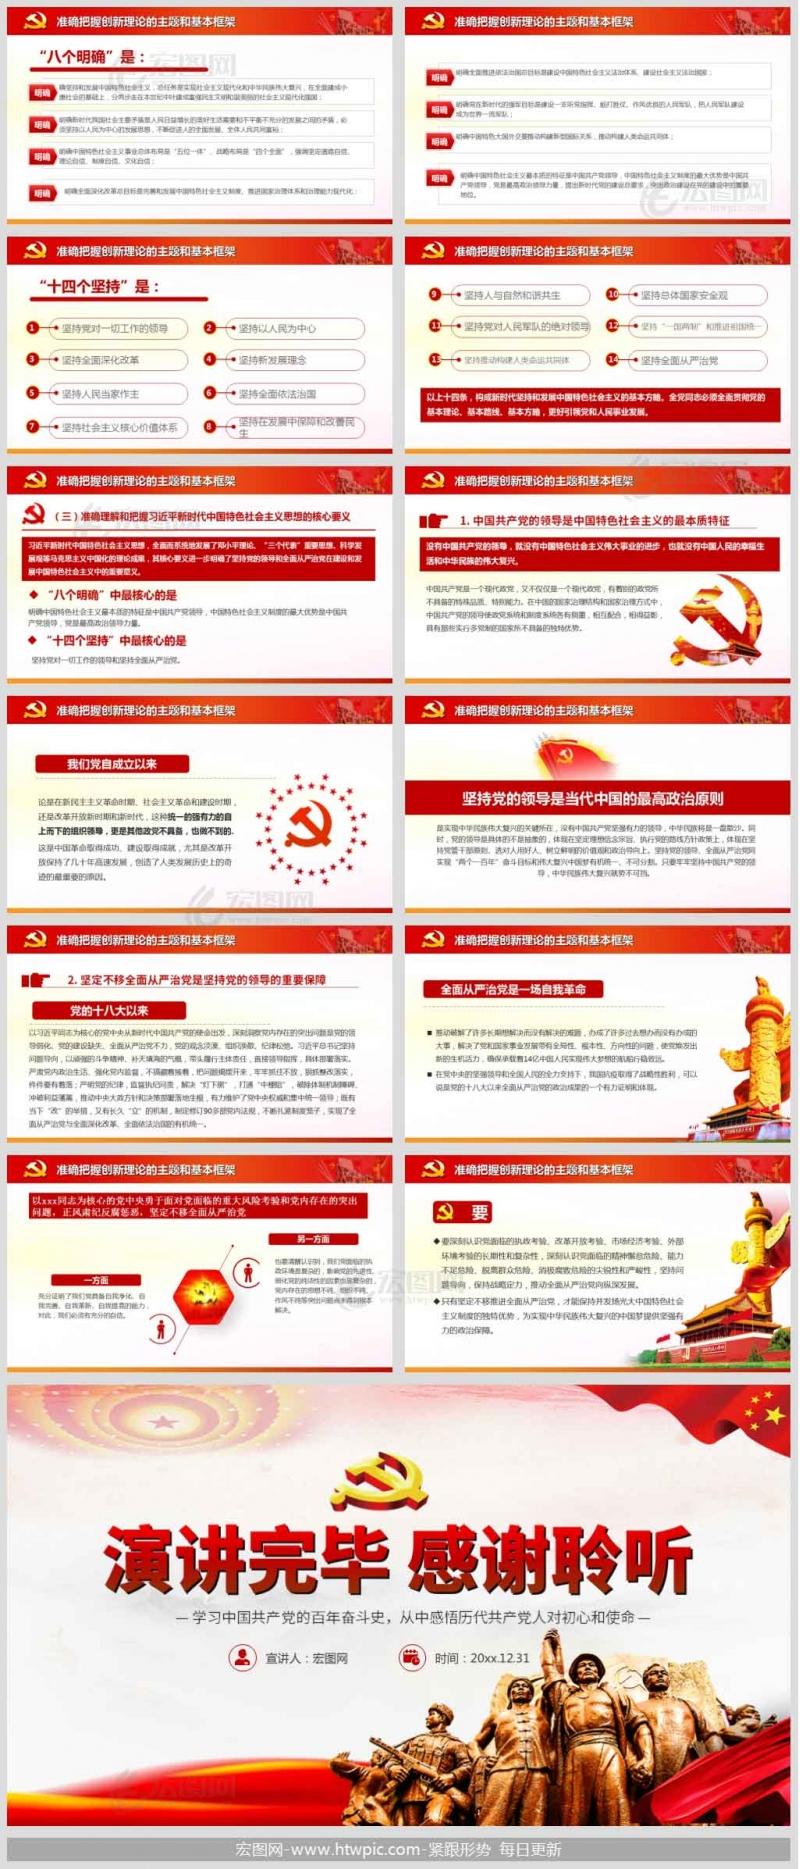 学习党史国史 学习创新理论从中感悟历代共产党人对初心和使命党课课件PPT